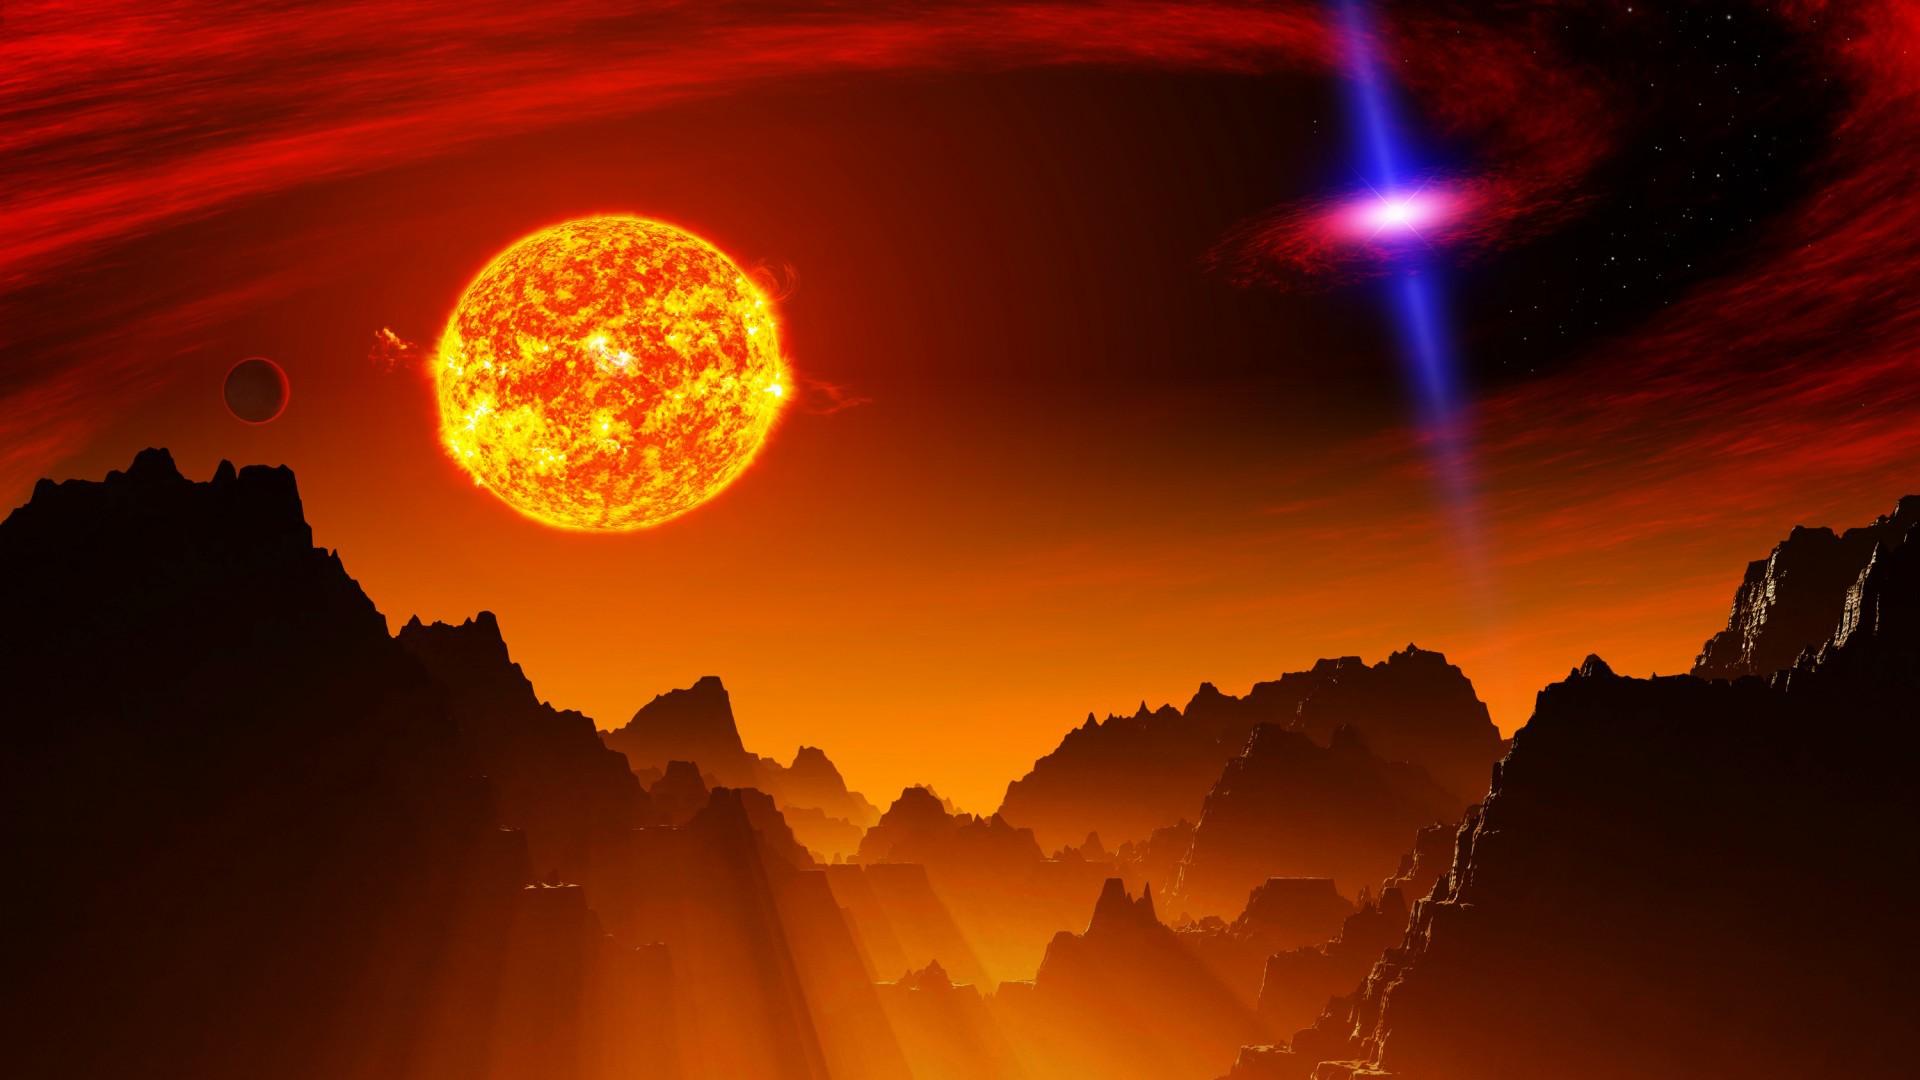 может быть картинки на тему звезды и солнце наличии